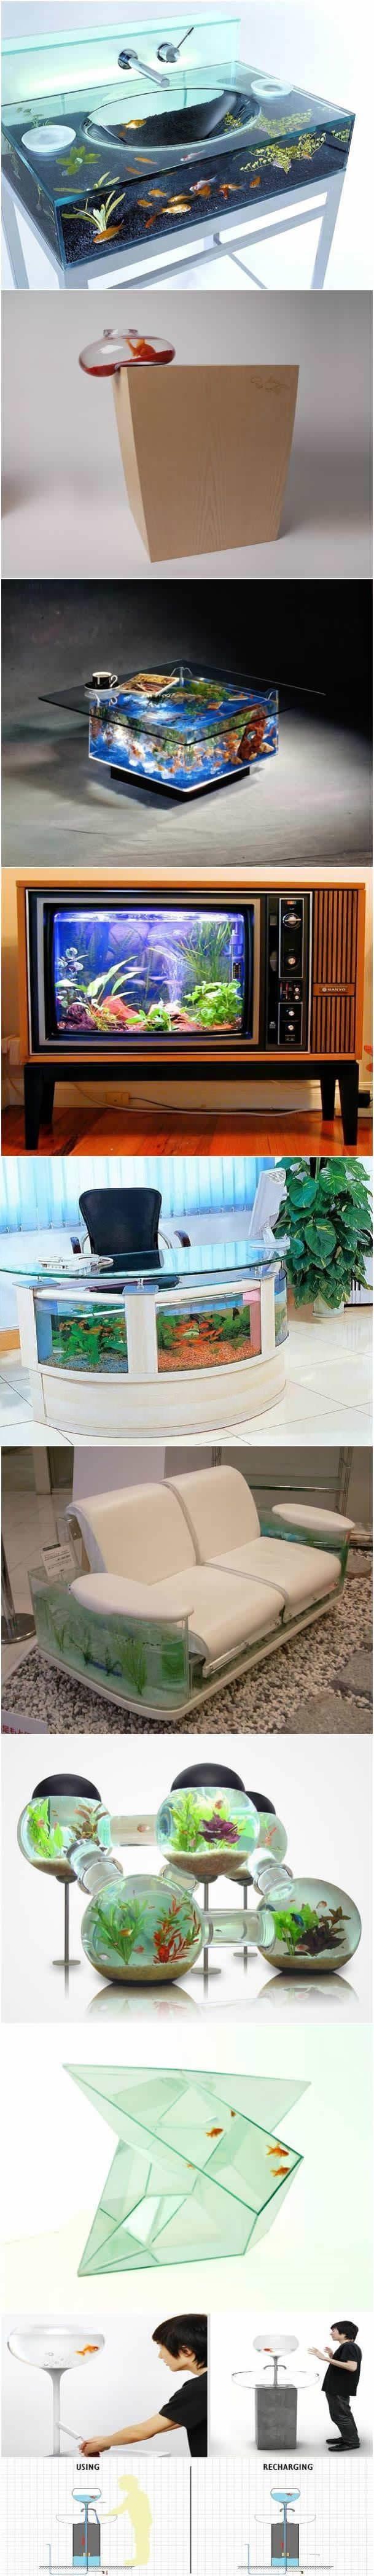 Creative aquariums